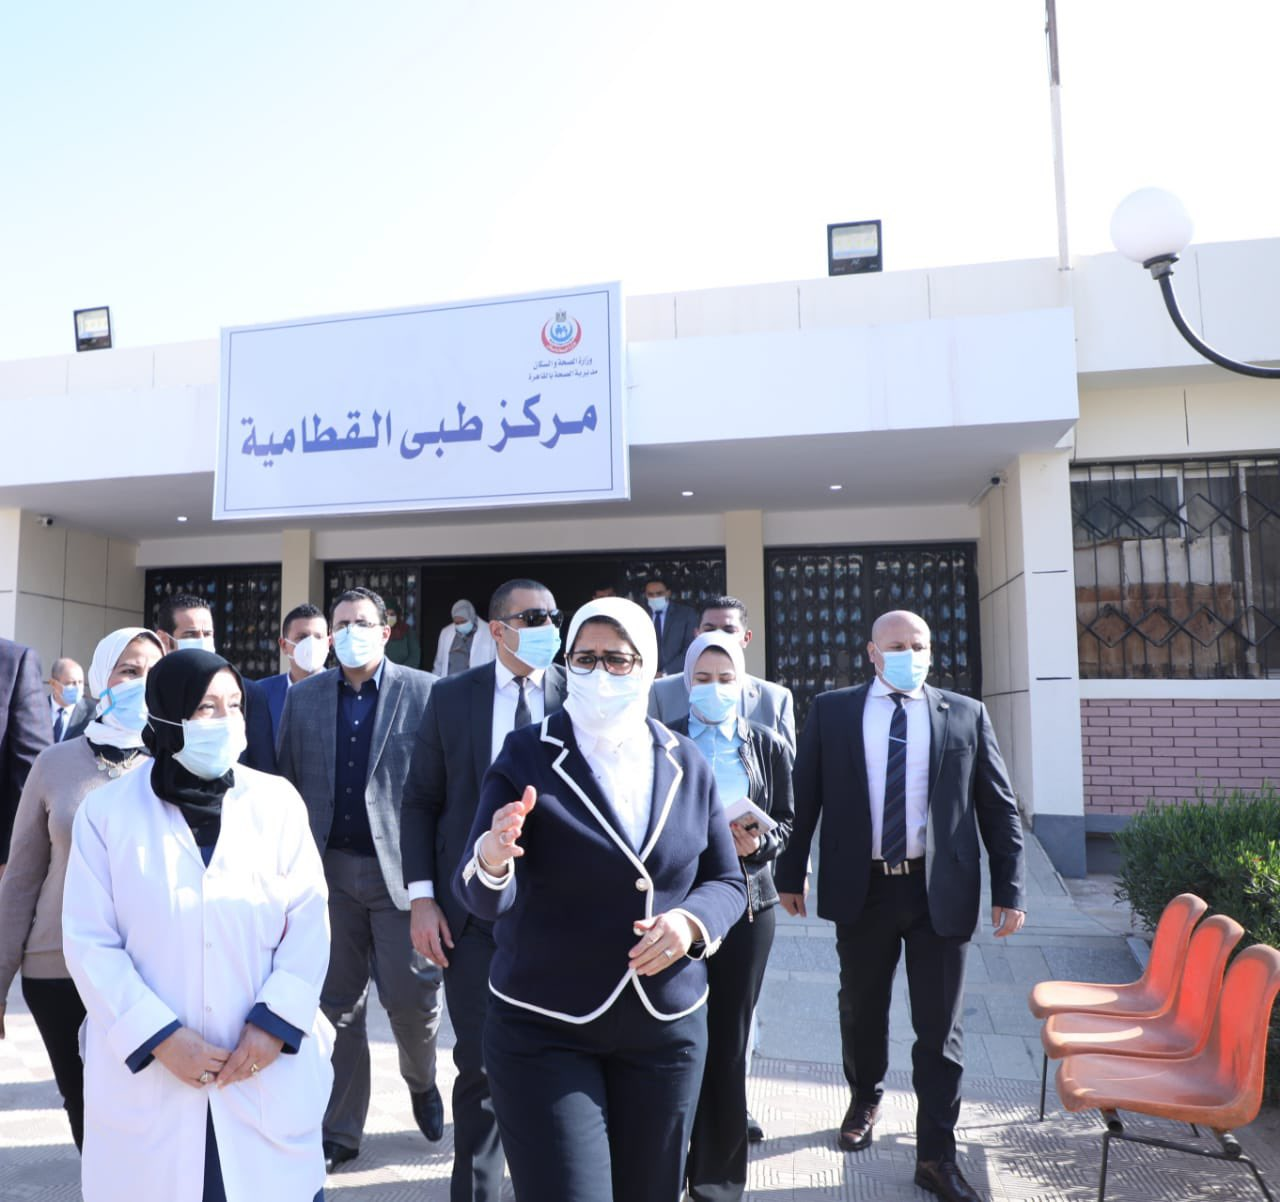 بالصور.. وزيرة الصحة تتفقد مركز طبي القطامية